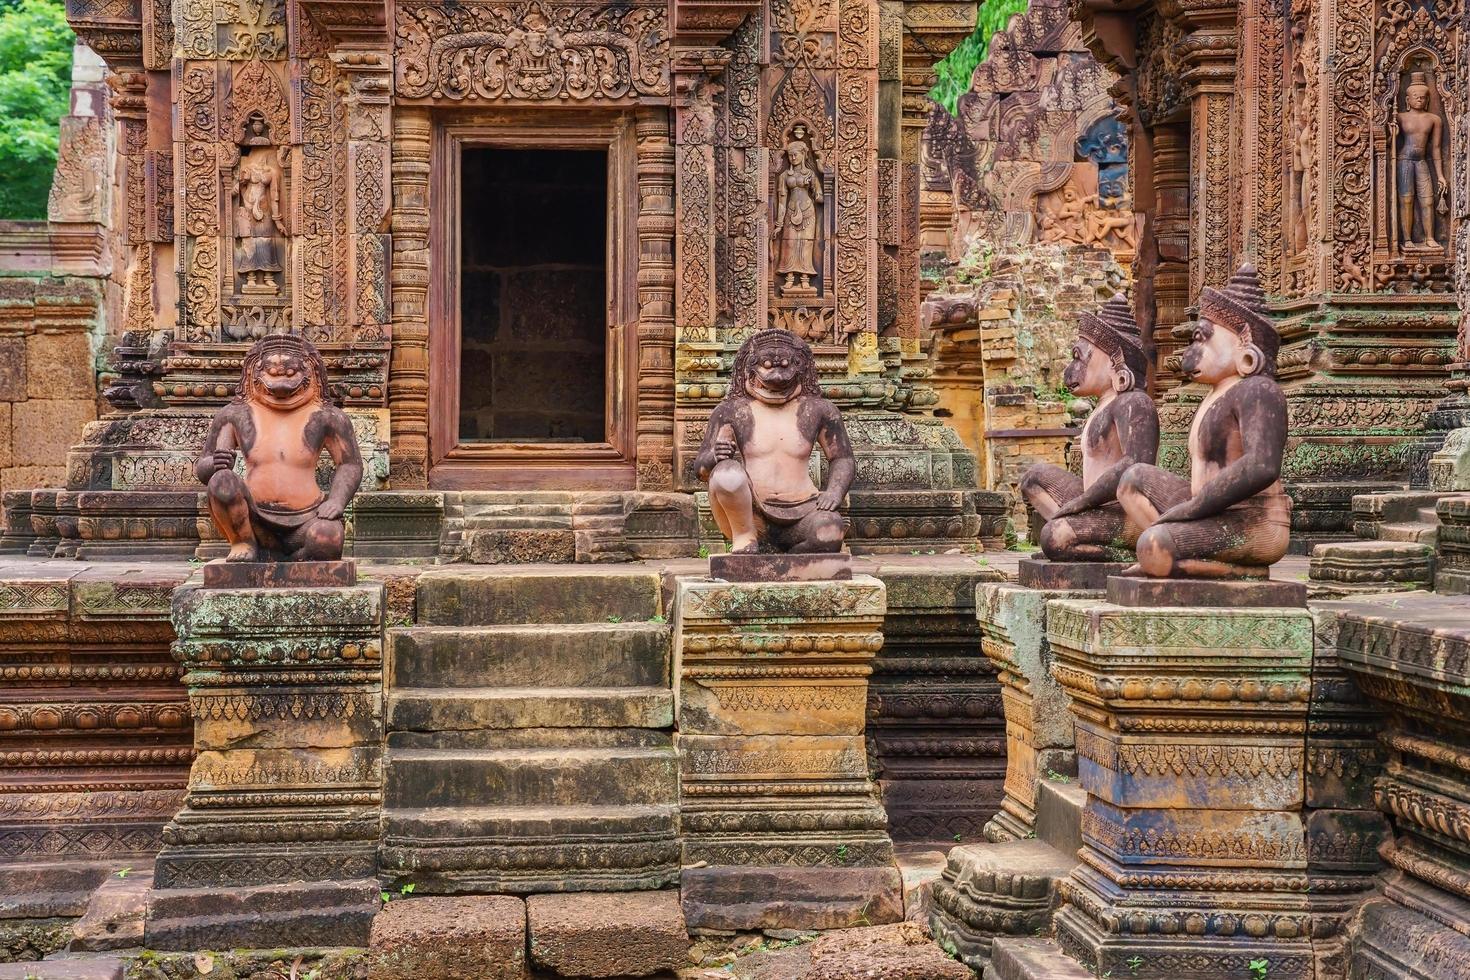 statue di leoni e scimmie al tempio di arenaria rossa di banteay srei, cambogia foto